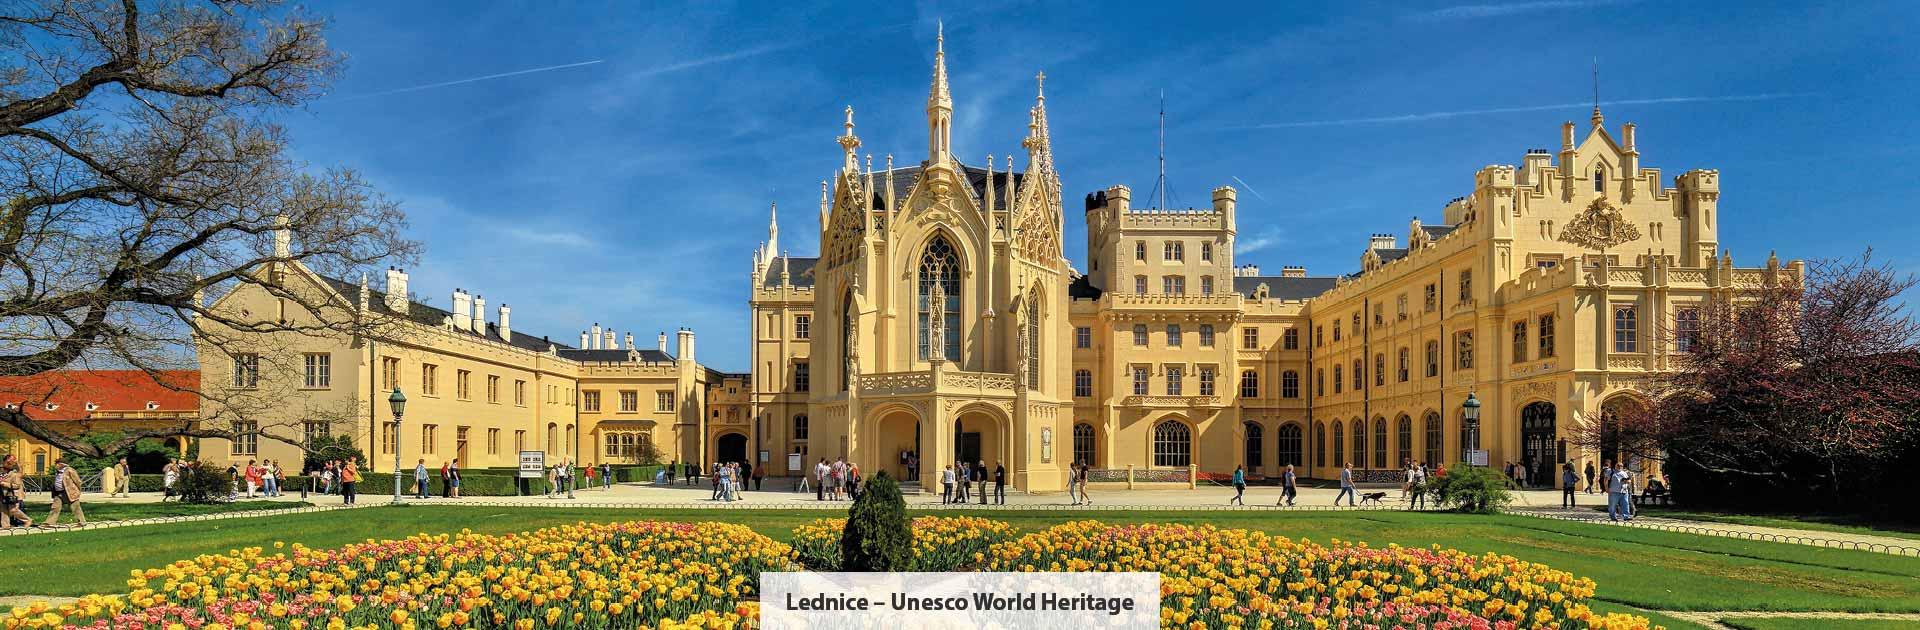 Lednice - Česká republika UNESCO